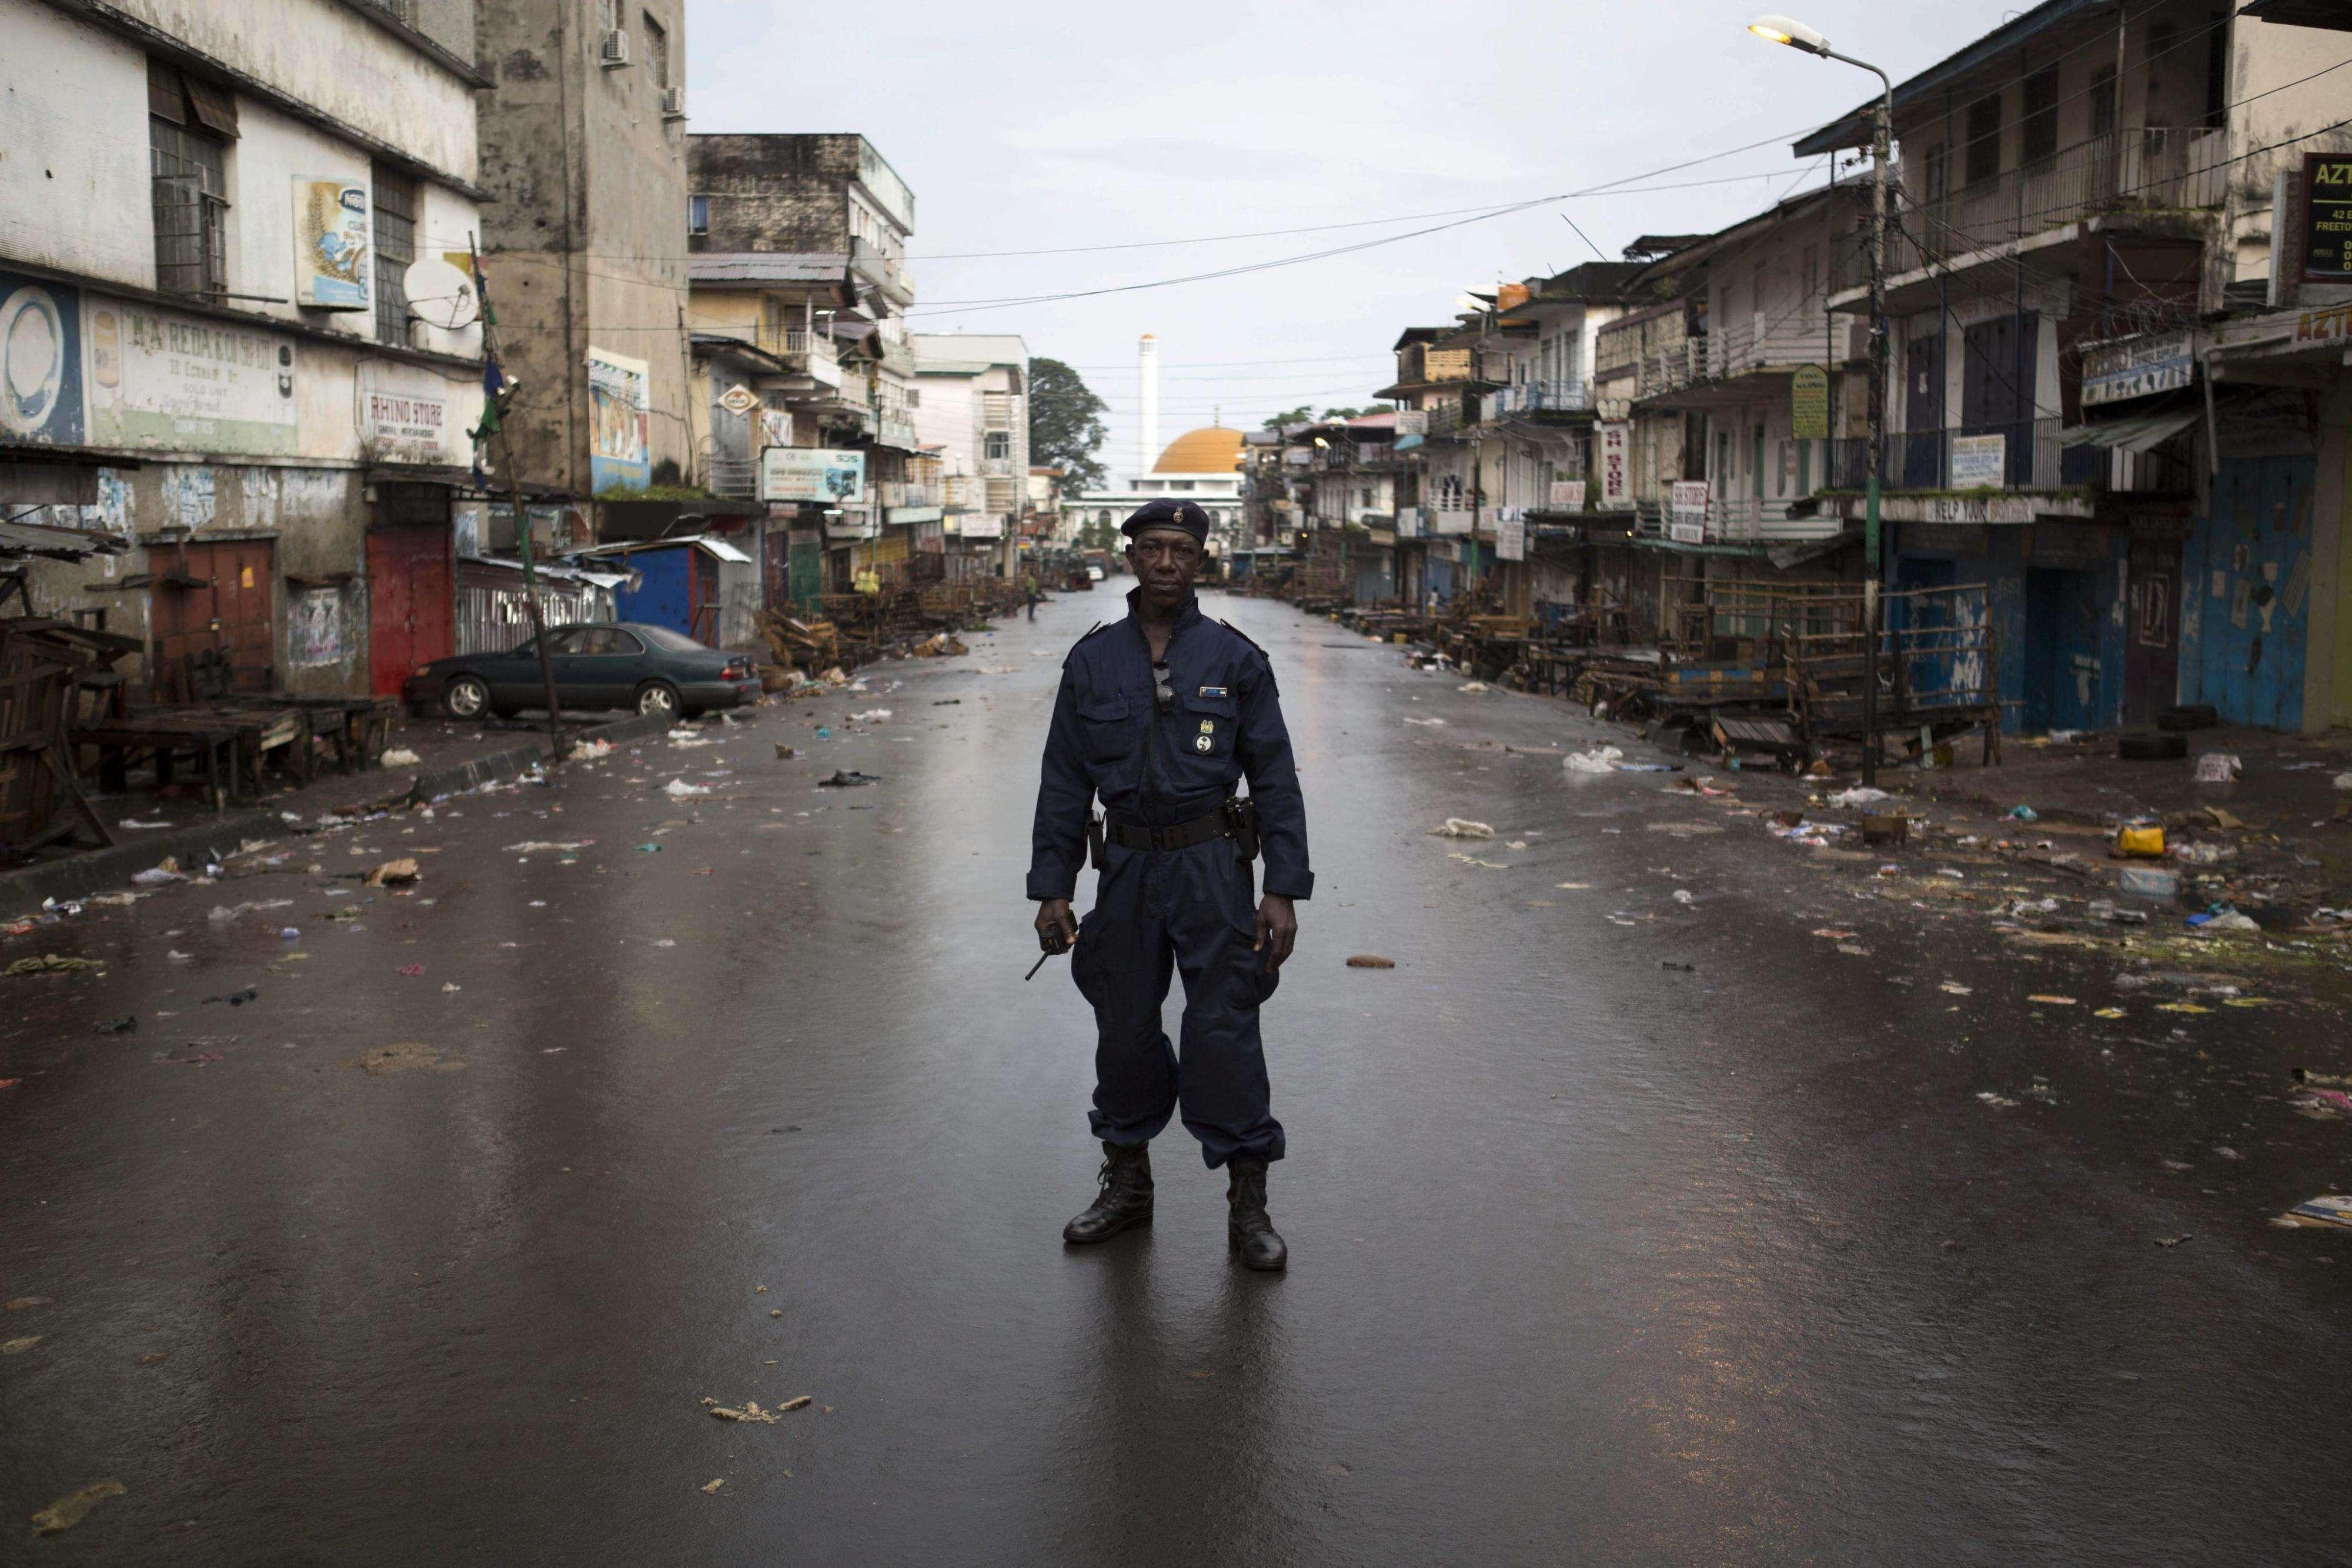 Un policía patrulla en una calle vacía en Freetown, Sierra Leona, ayer viernes. Foto: EFE